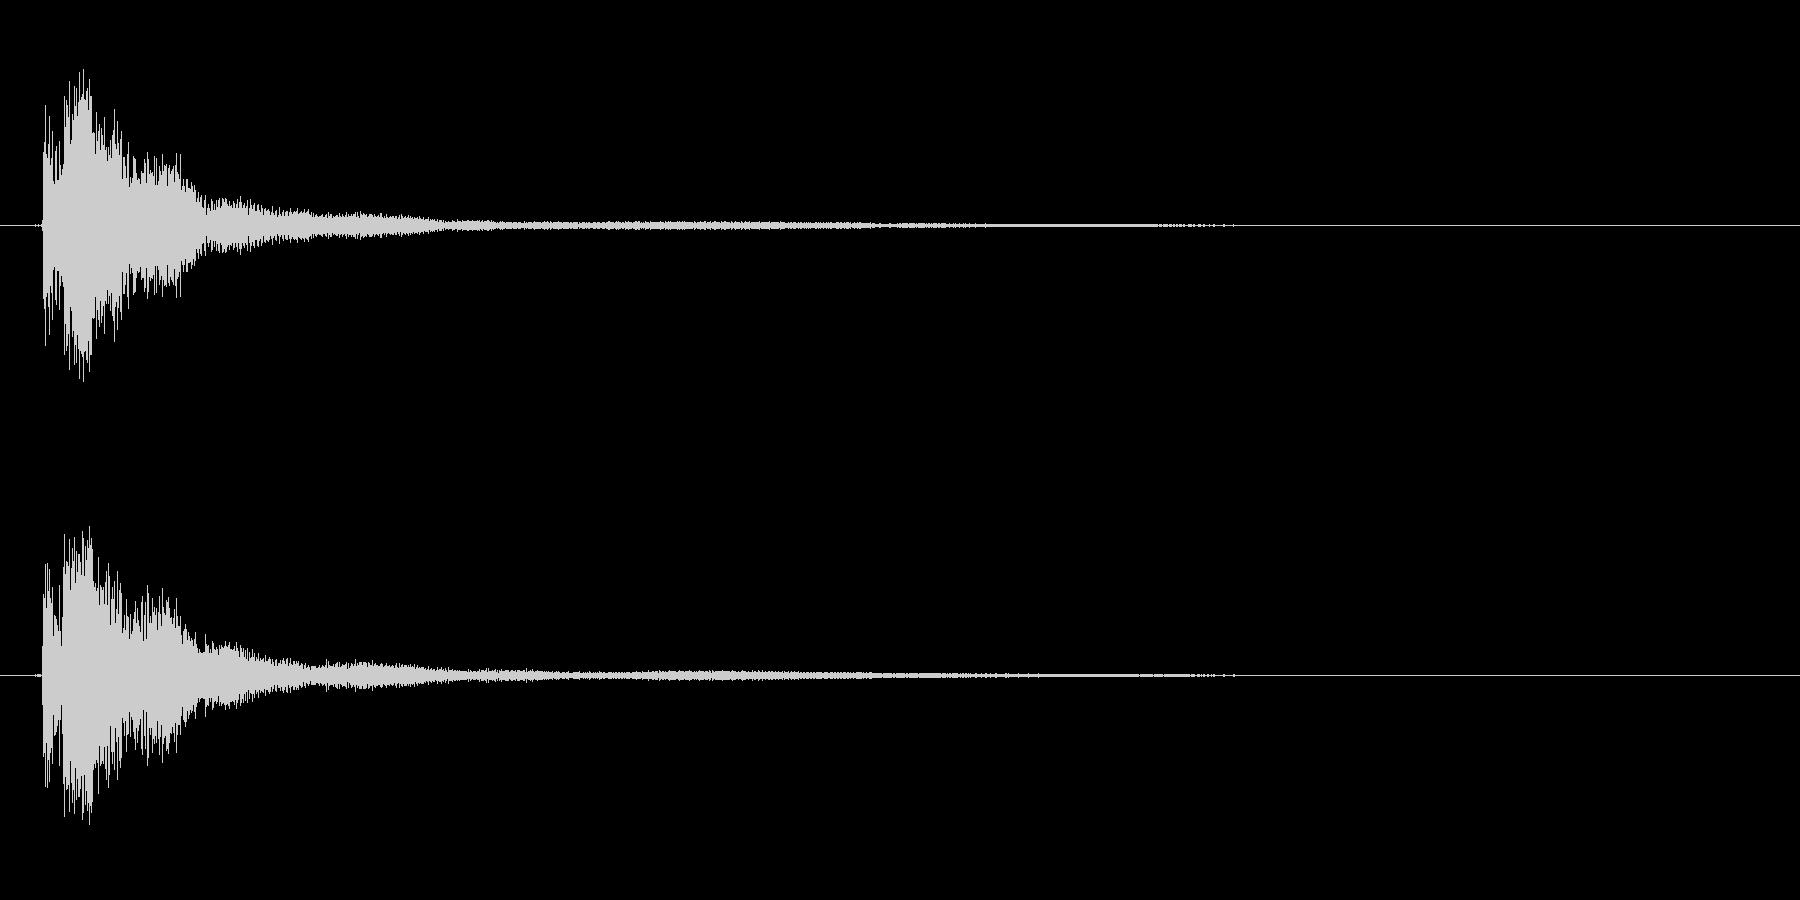 キン!金串(軽い金属棒)当たる音の未再生の波形